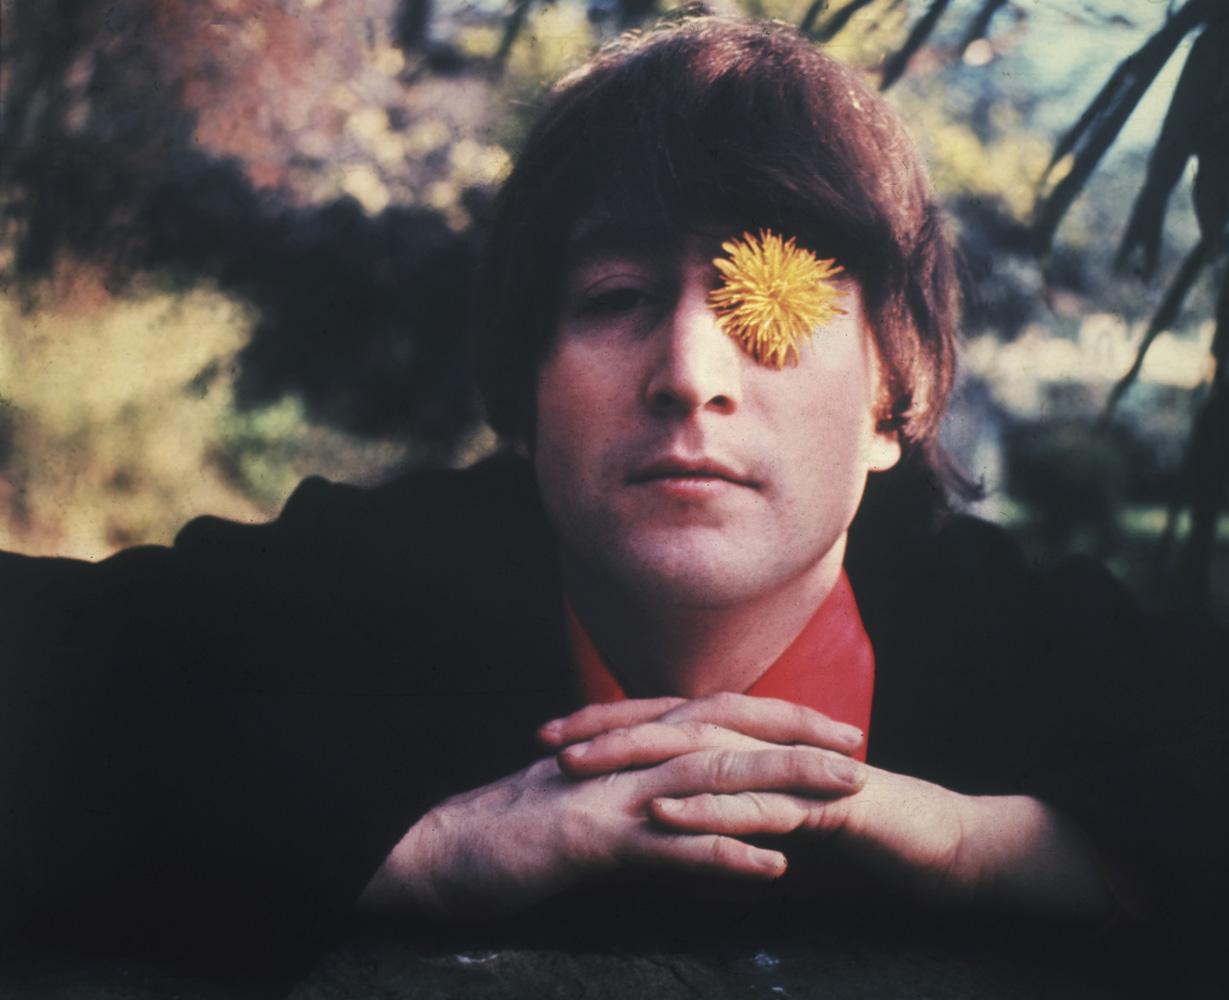 John Lennon in the garden in a photograph taken by Robert Whitaker in 1966.